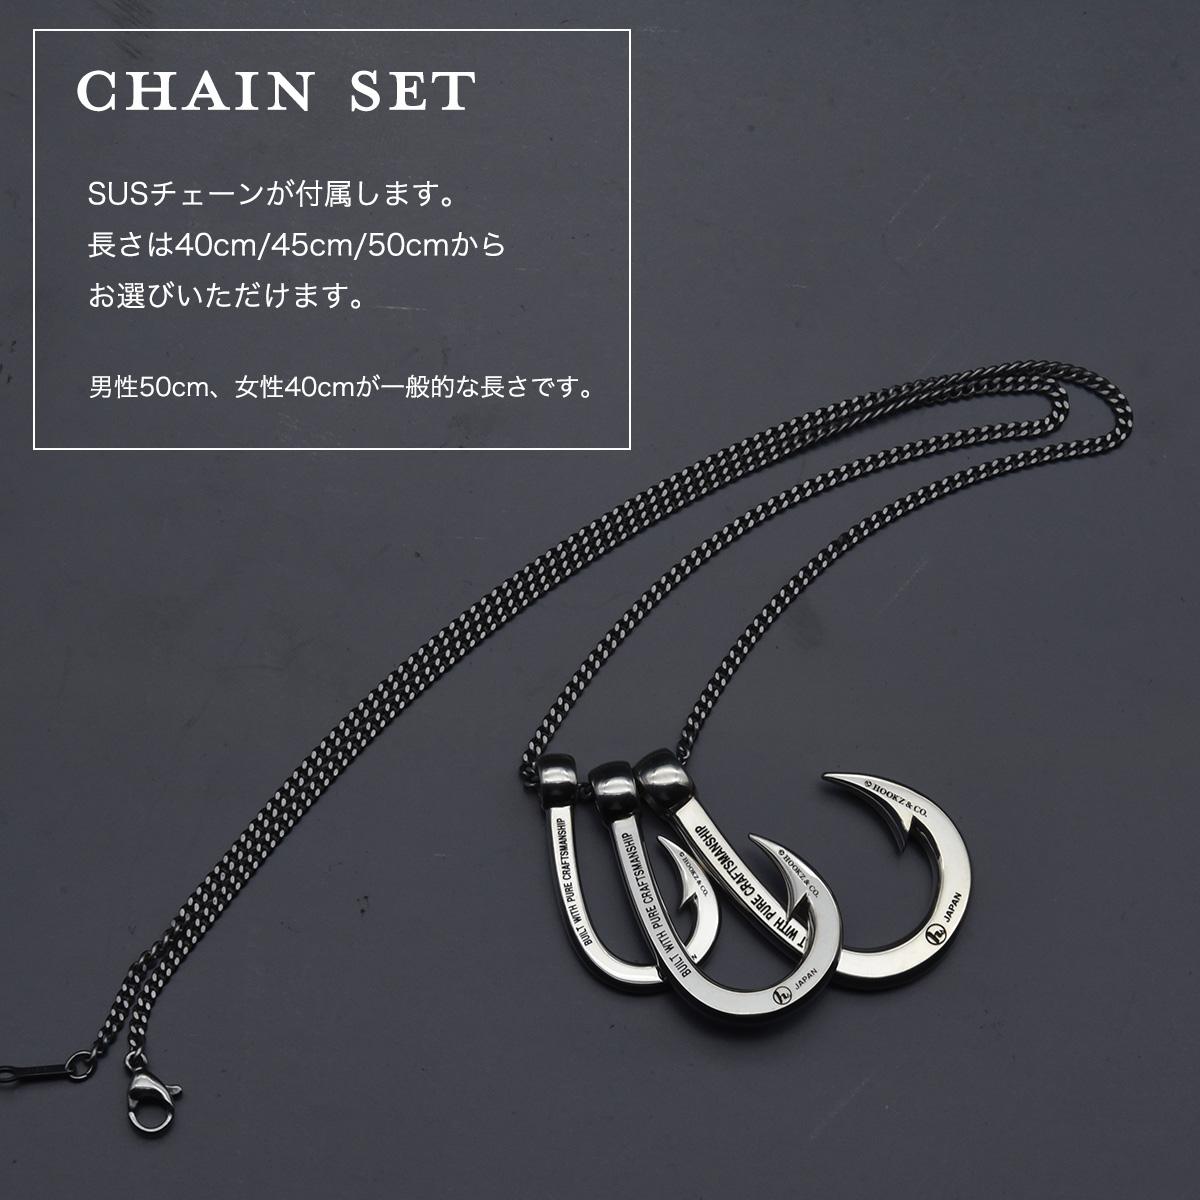 釣り針ネックレス 【Sサイズ】MK�